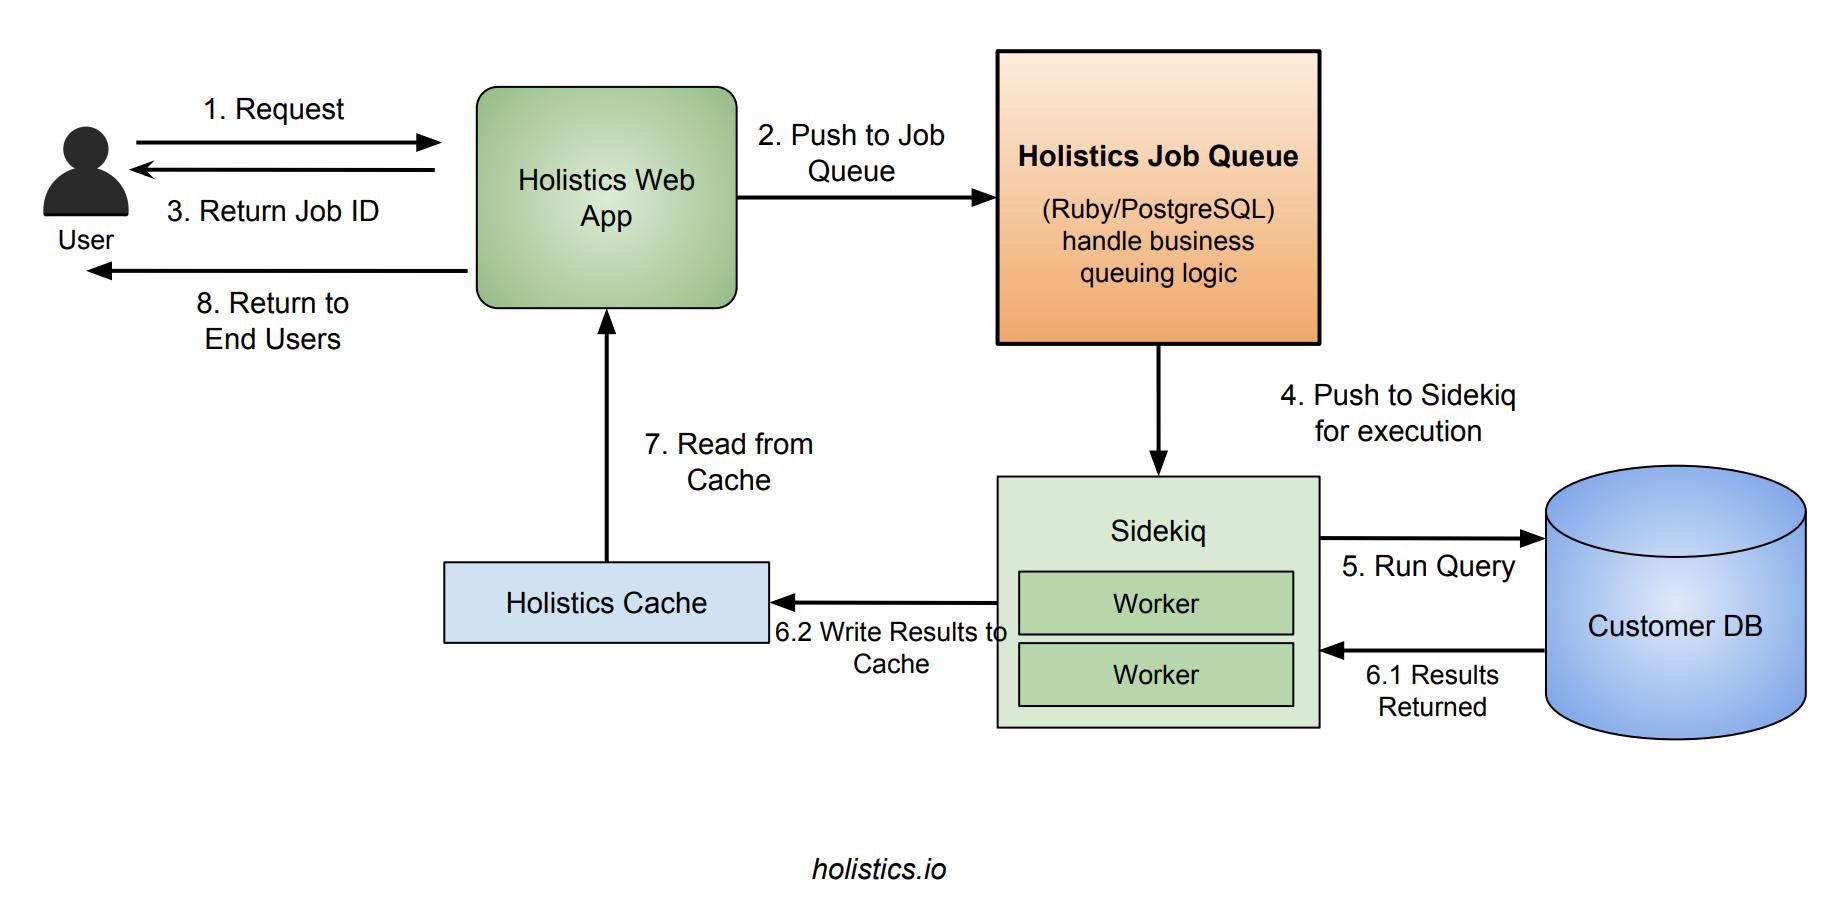 Holistics Job Queue Flow